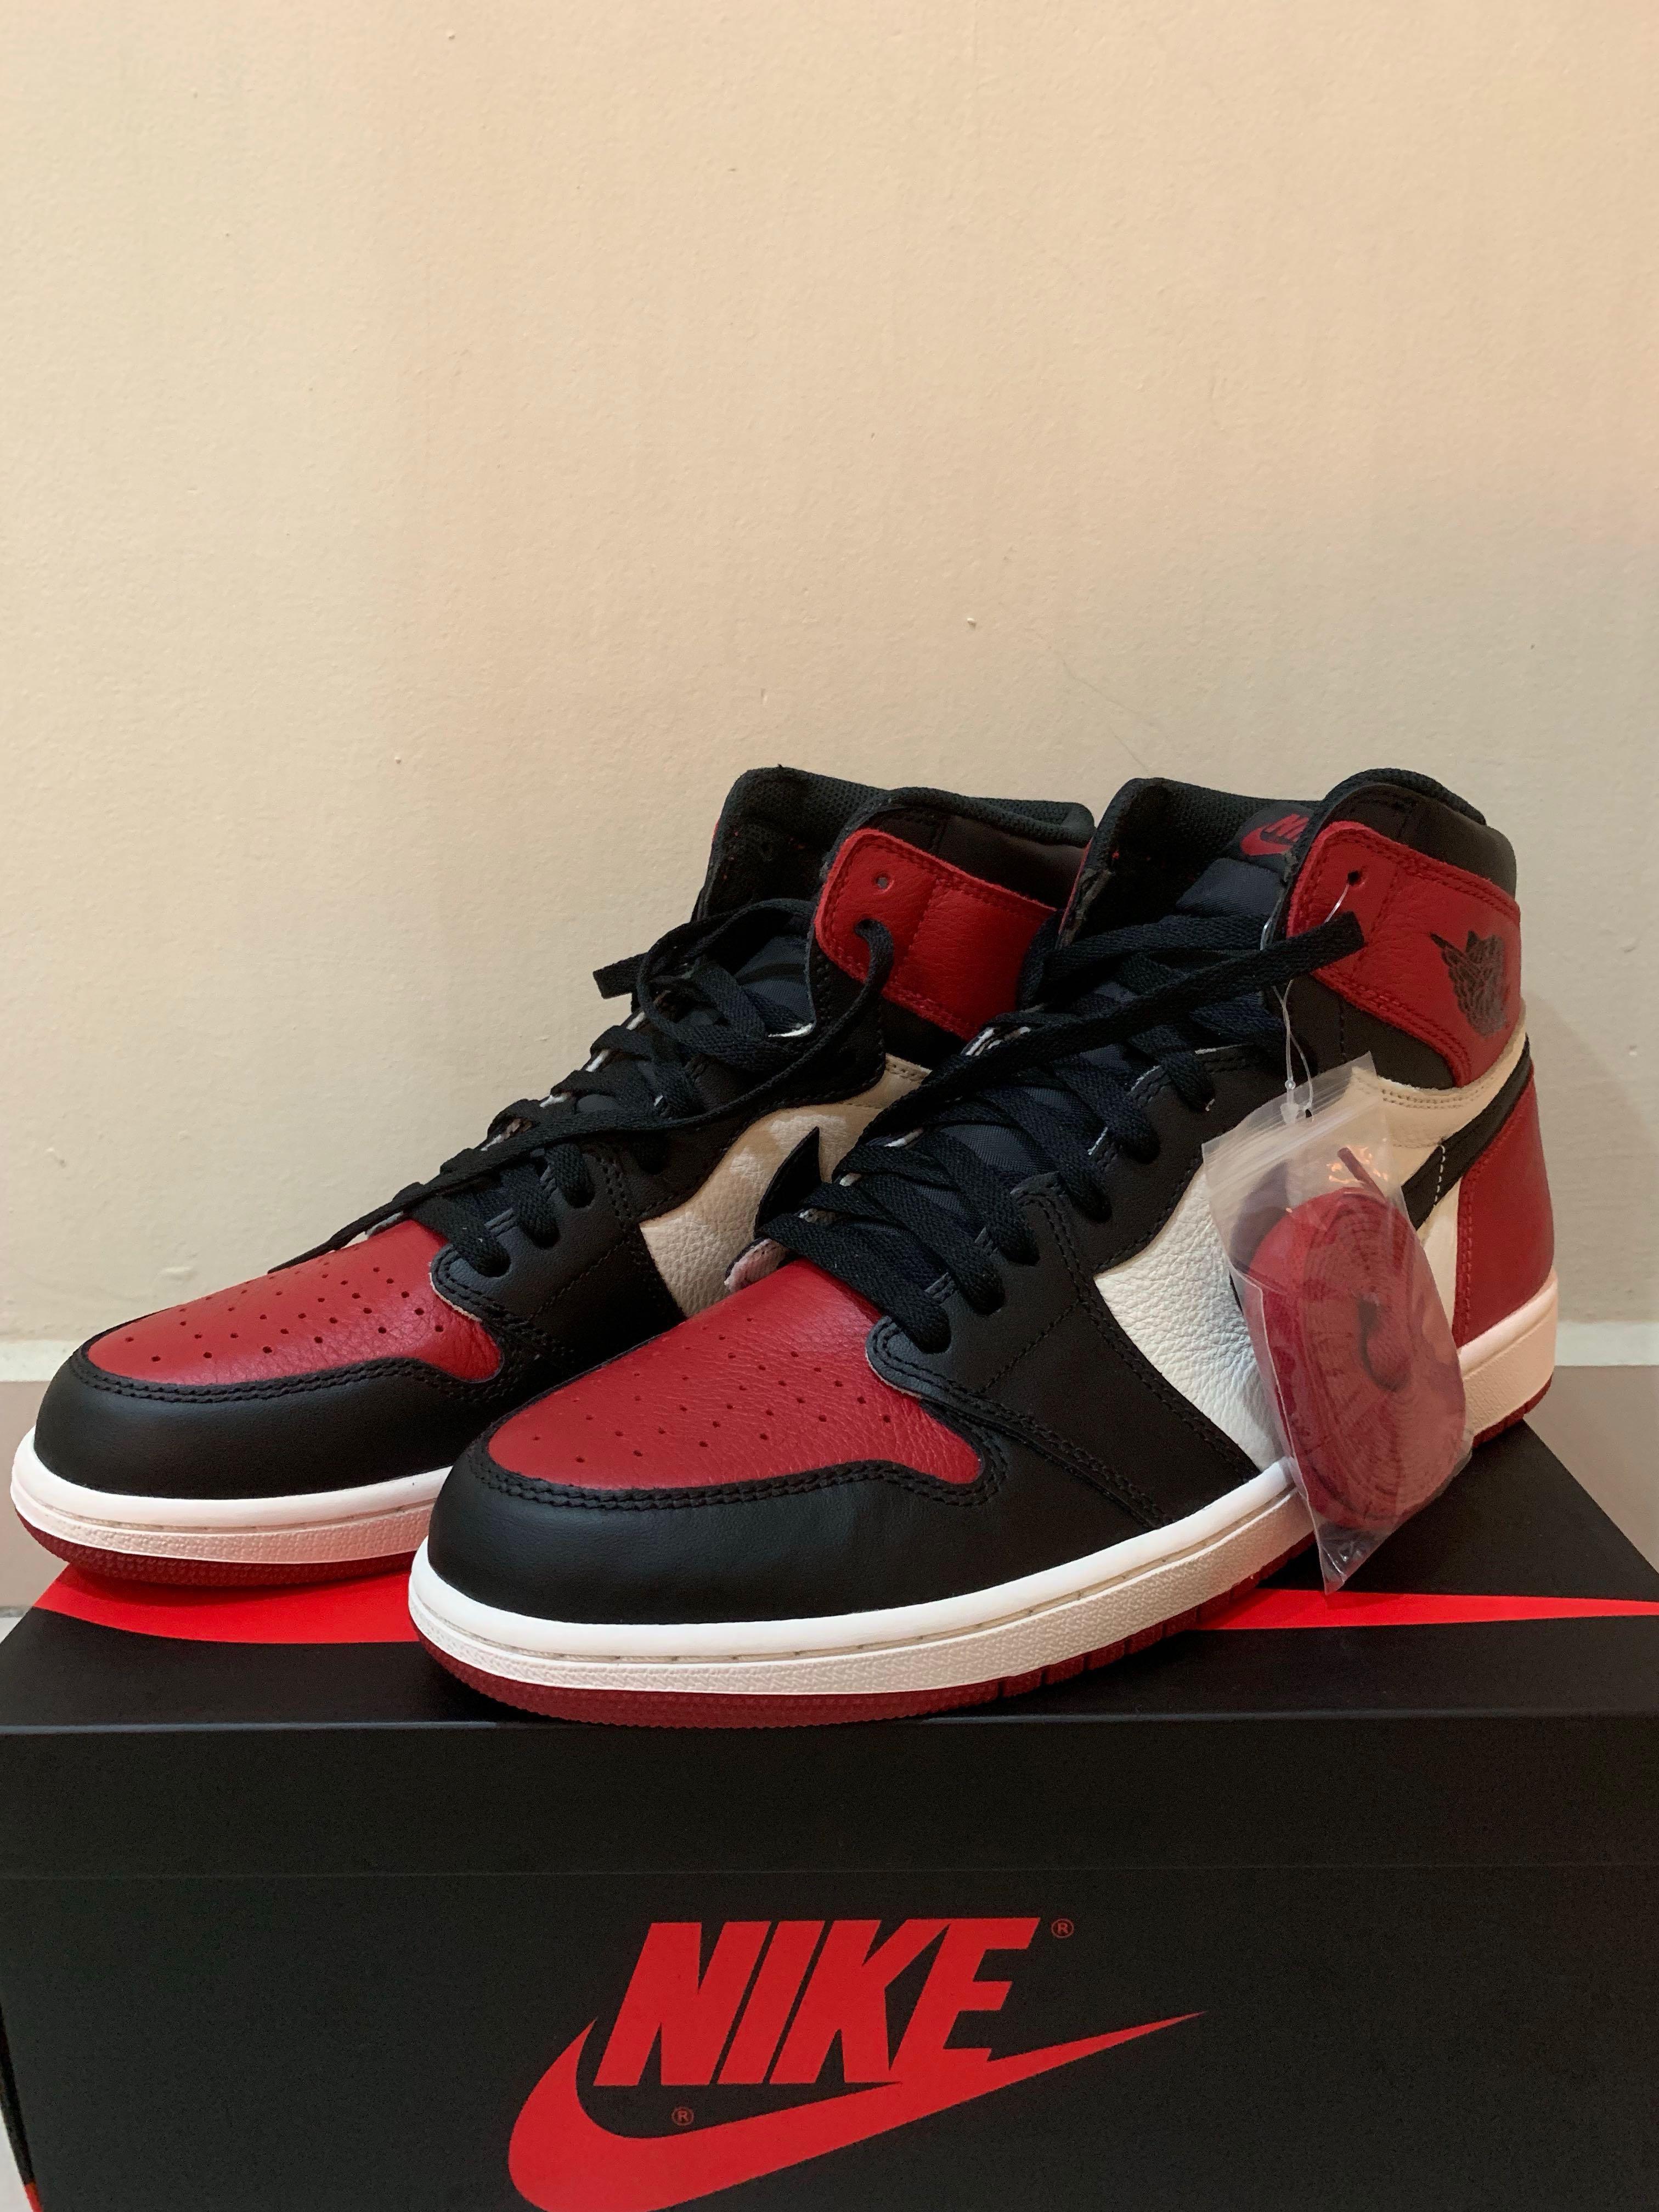 8347b8a01a3d23 2x Air Jordan 1 Bred toe and court purple